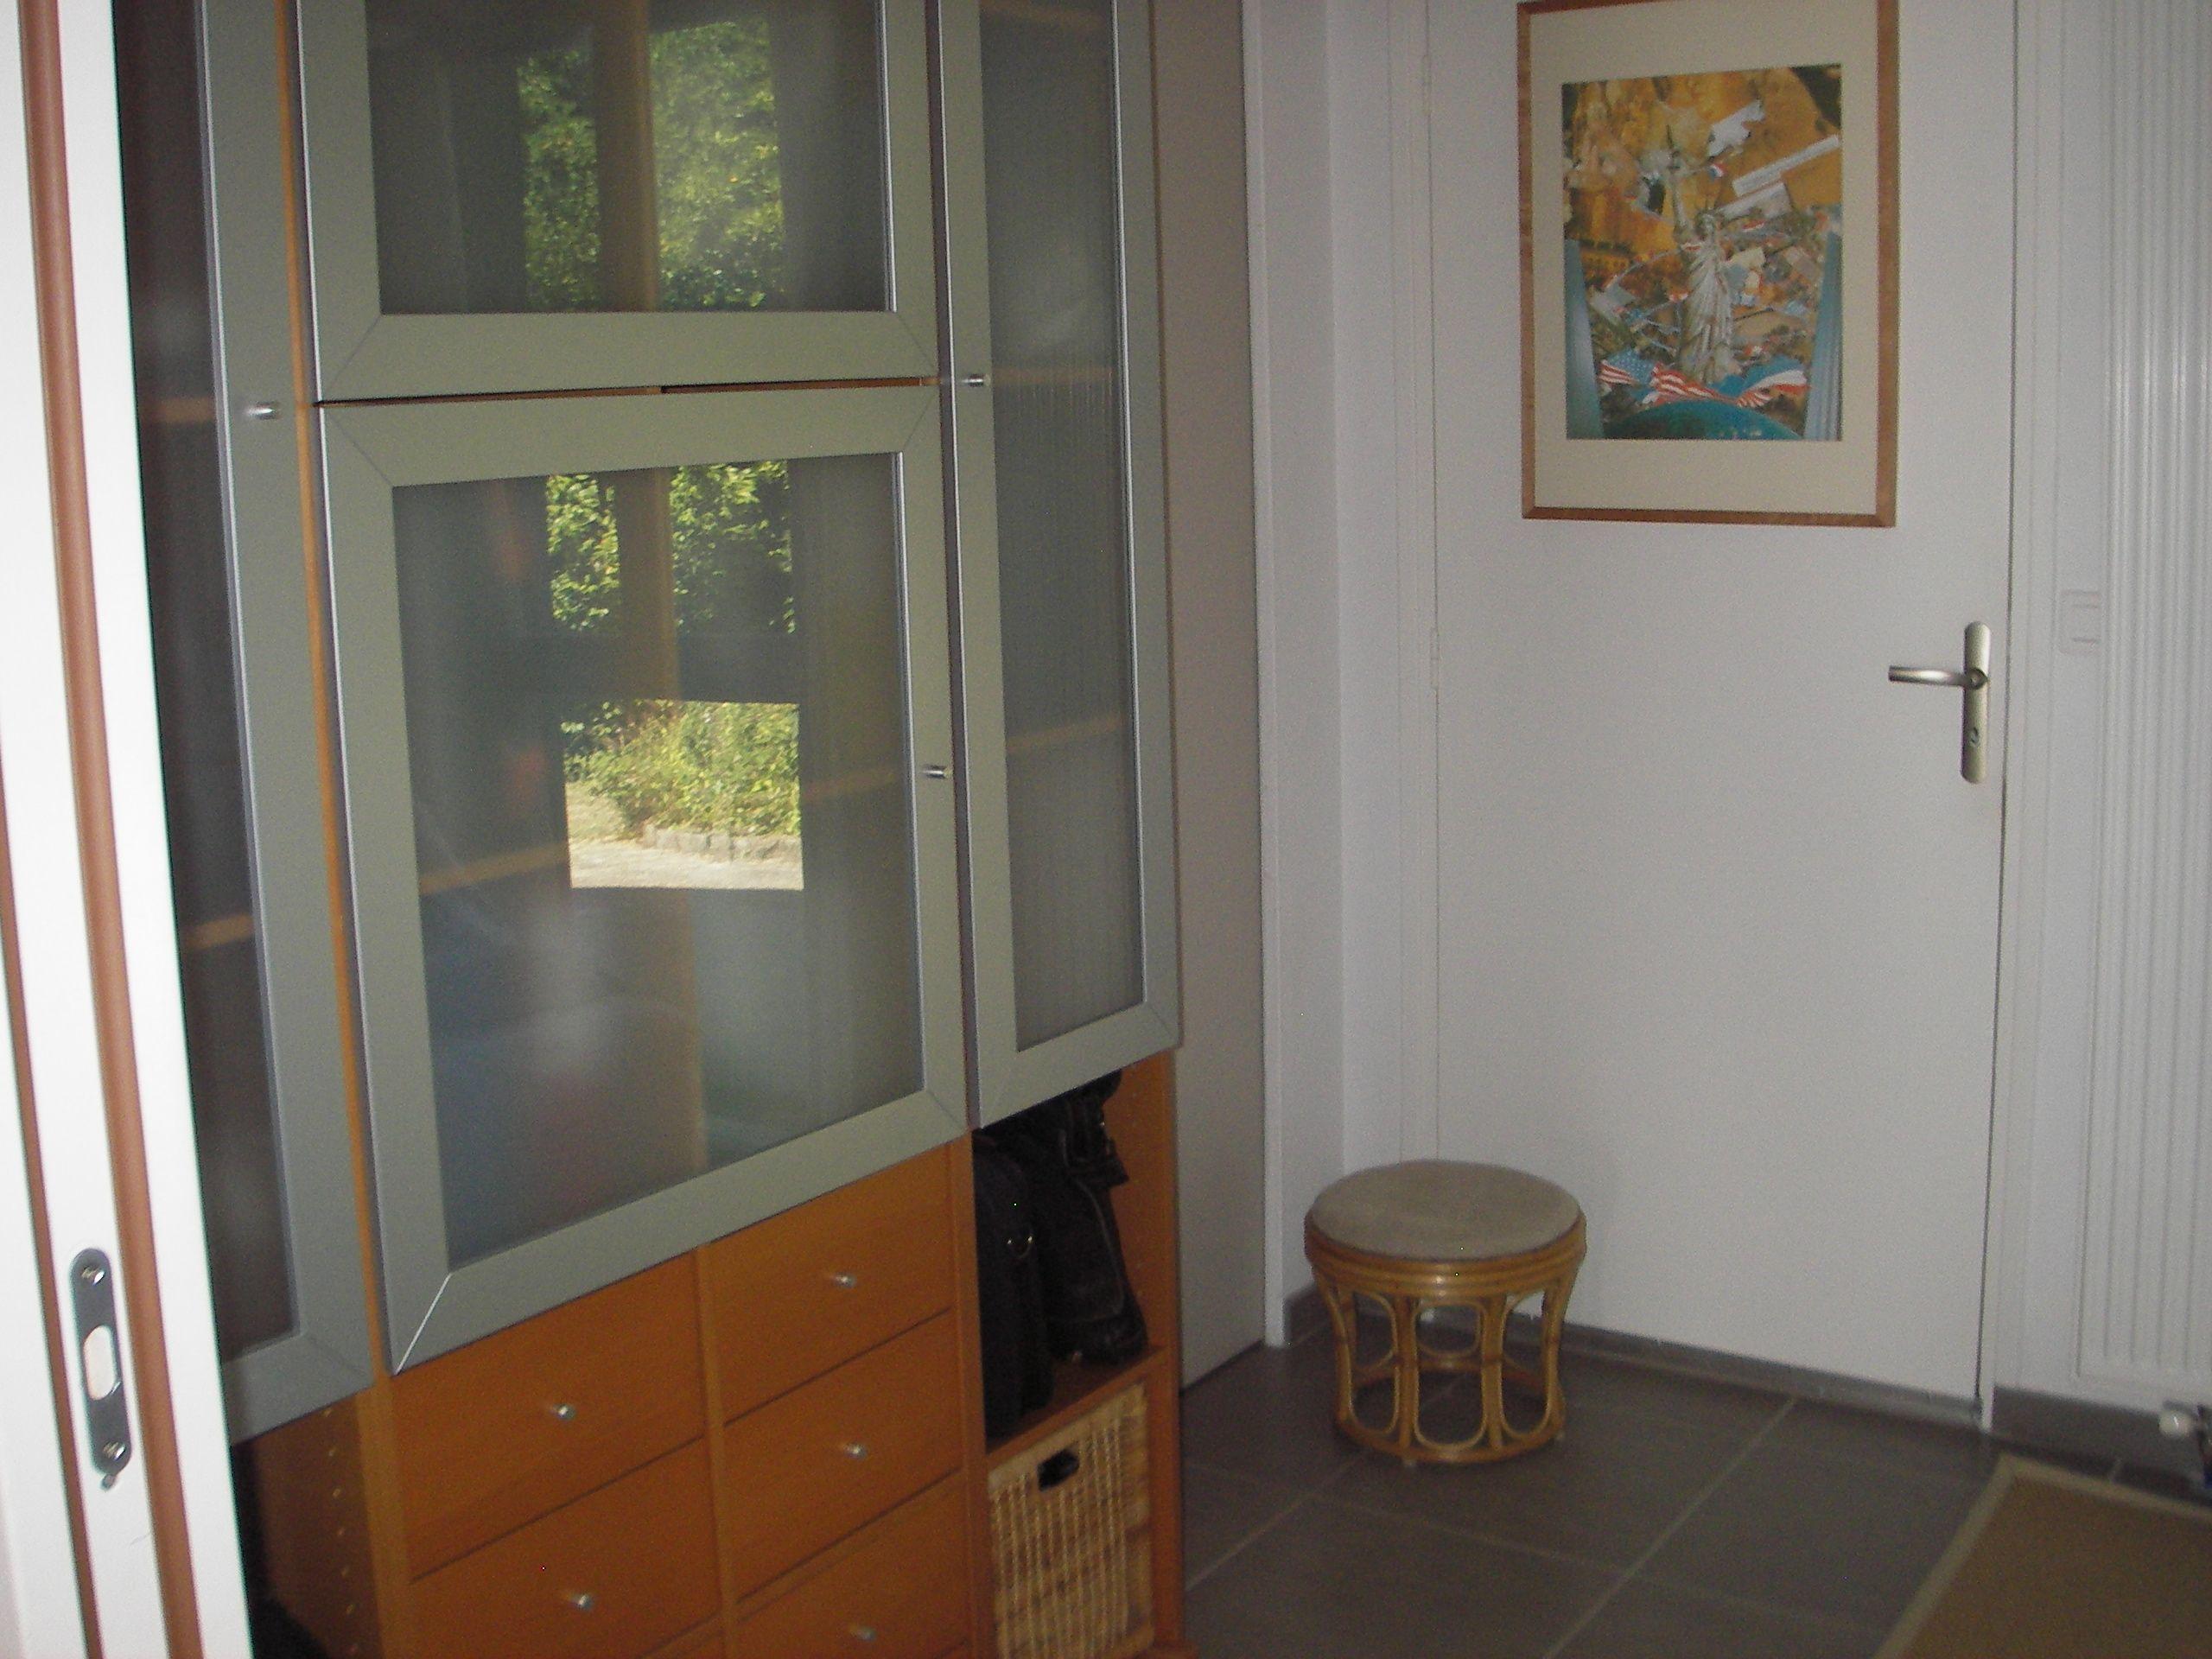 Colocation Artigues-près-Bordeaux MAMANSOLO & Location Chambre à louer Artigues-près-Bordeaux MAMANSOLO | Loue chambre meublée Artigues-près-Bordeaux MAMANSOLO | Logement Artigues-près-Bordeaux MAMANSOLO